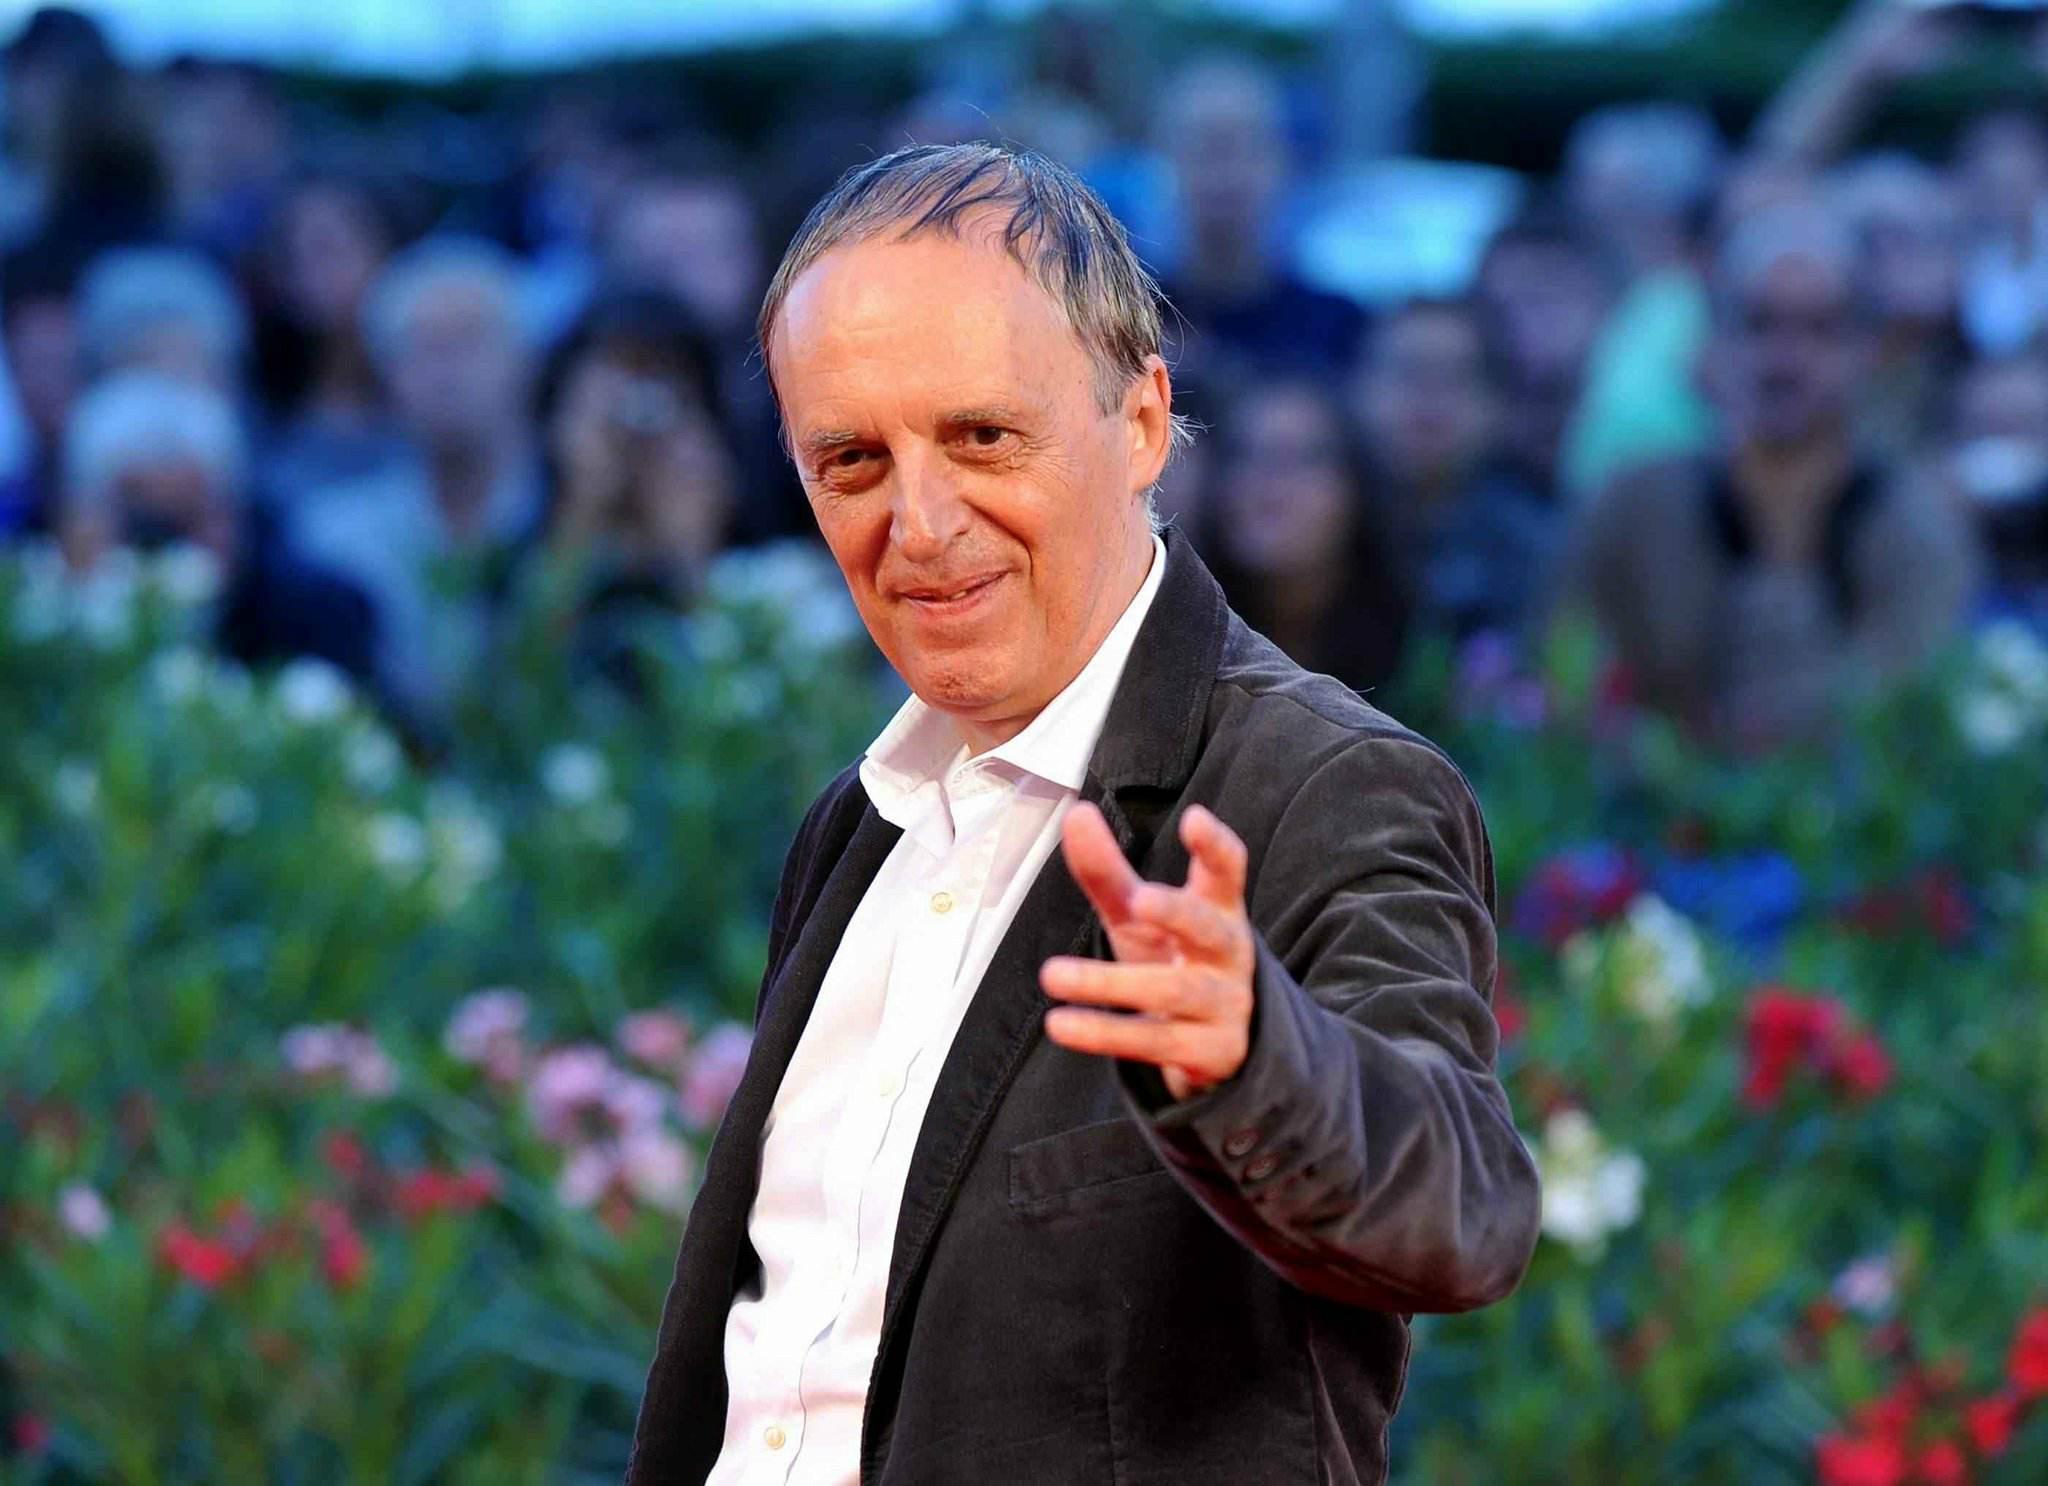 Nie można pokazać strachu bezpośrednio – rozmawiamy z legendą horroru, Dario Argento na Cinergia 2017